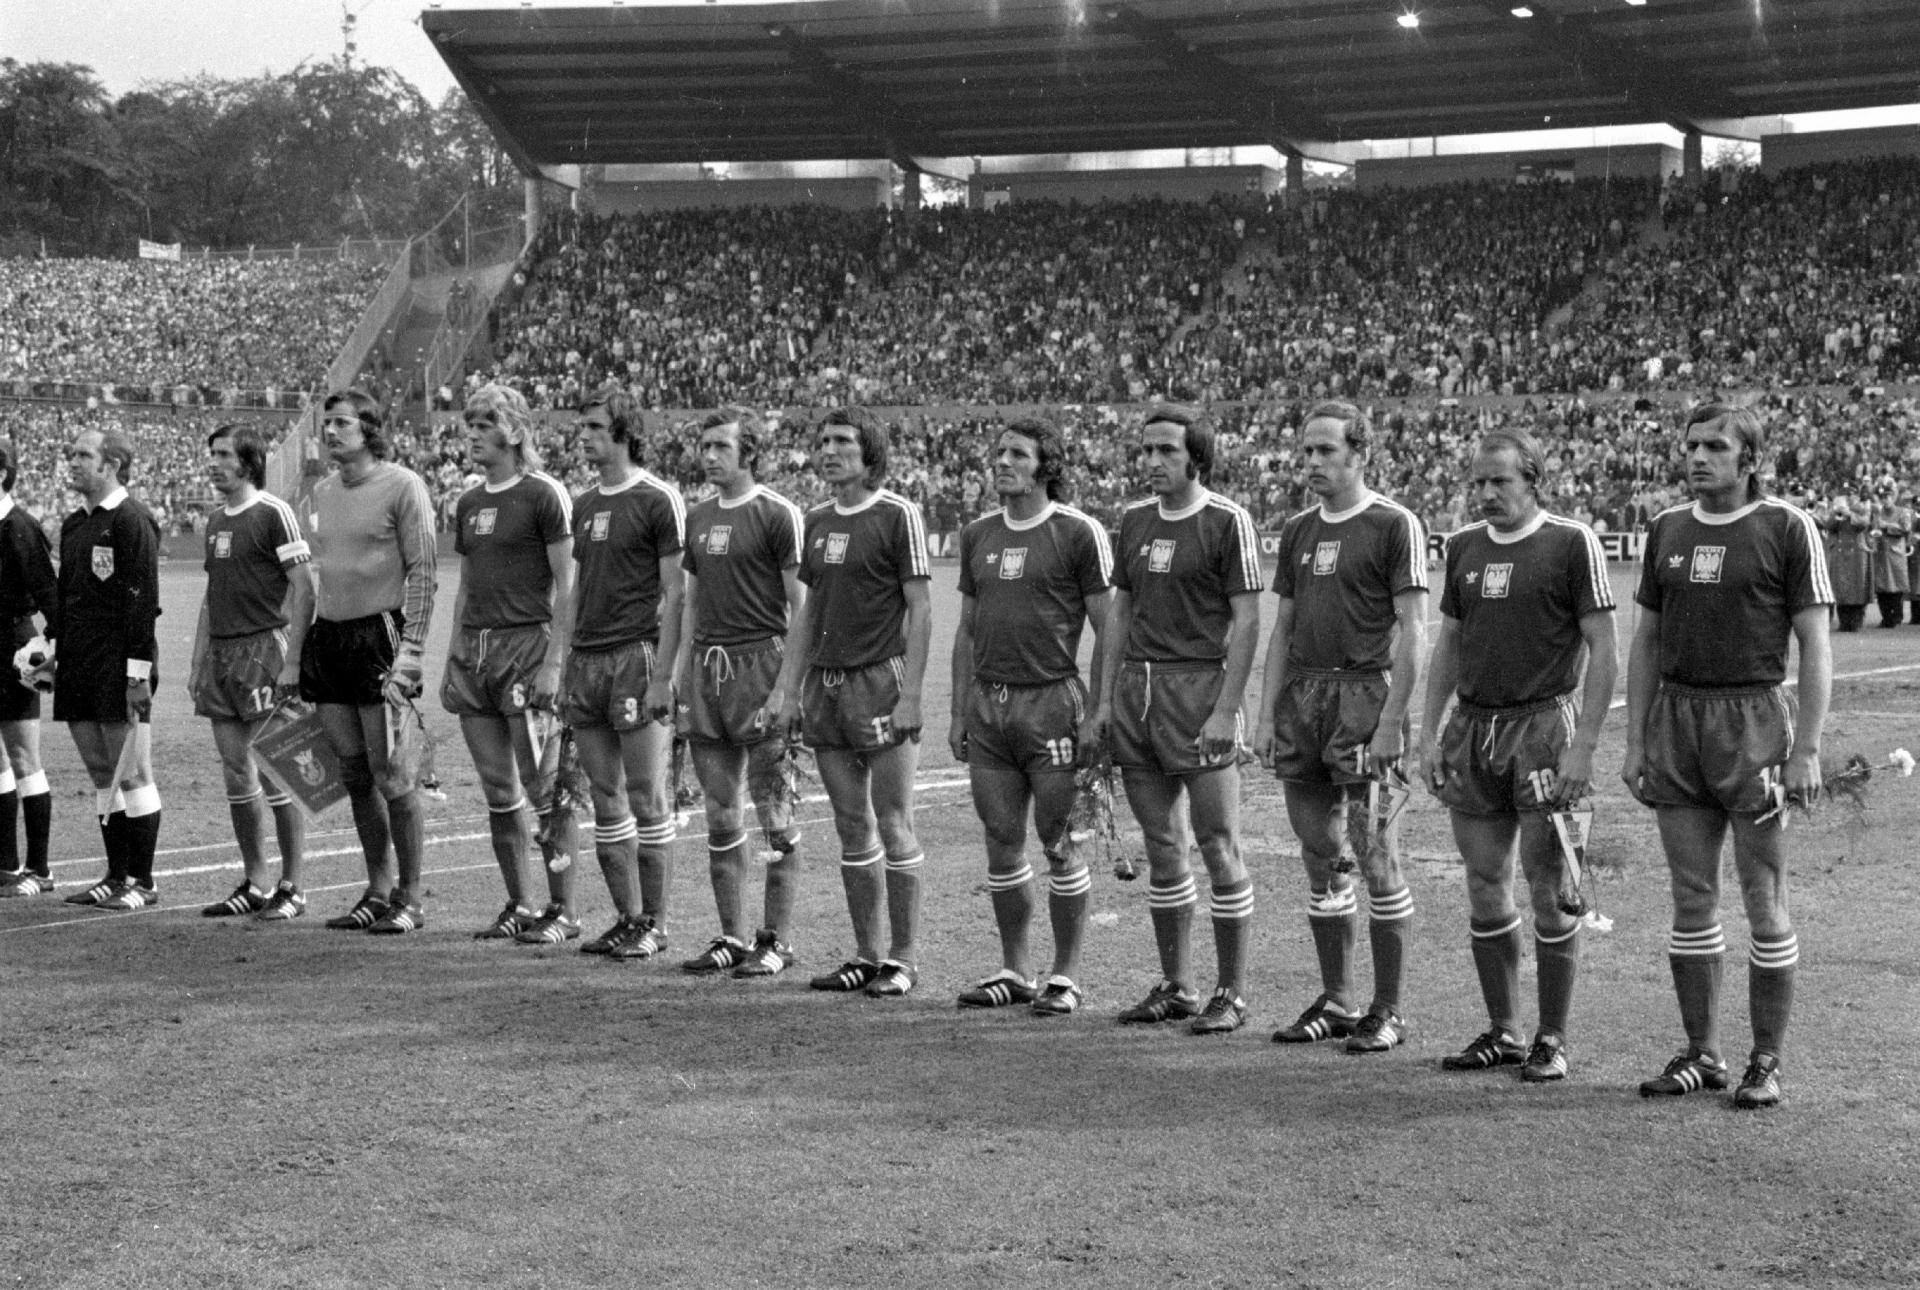 Reprezentacja Polski przed meczem z RFN (03.07.1974)